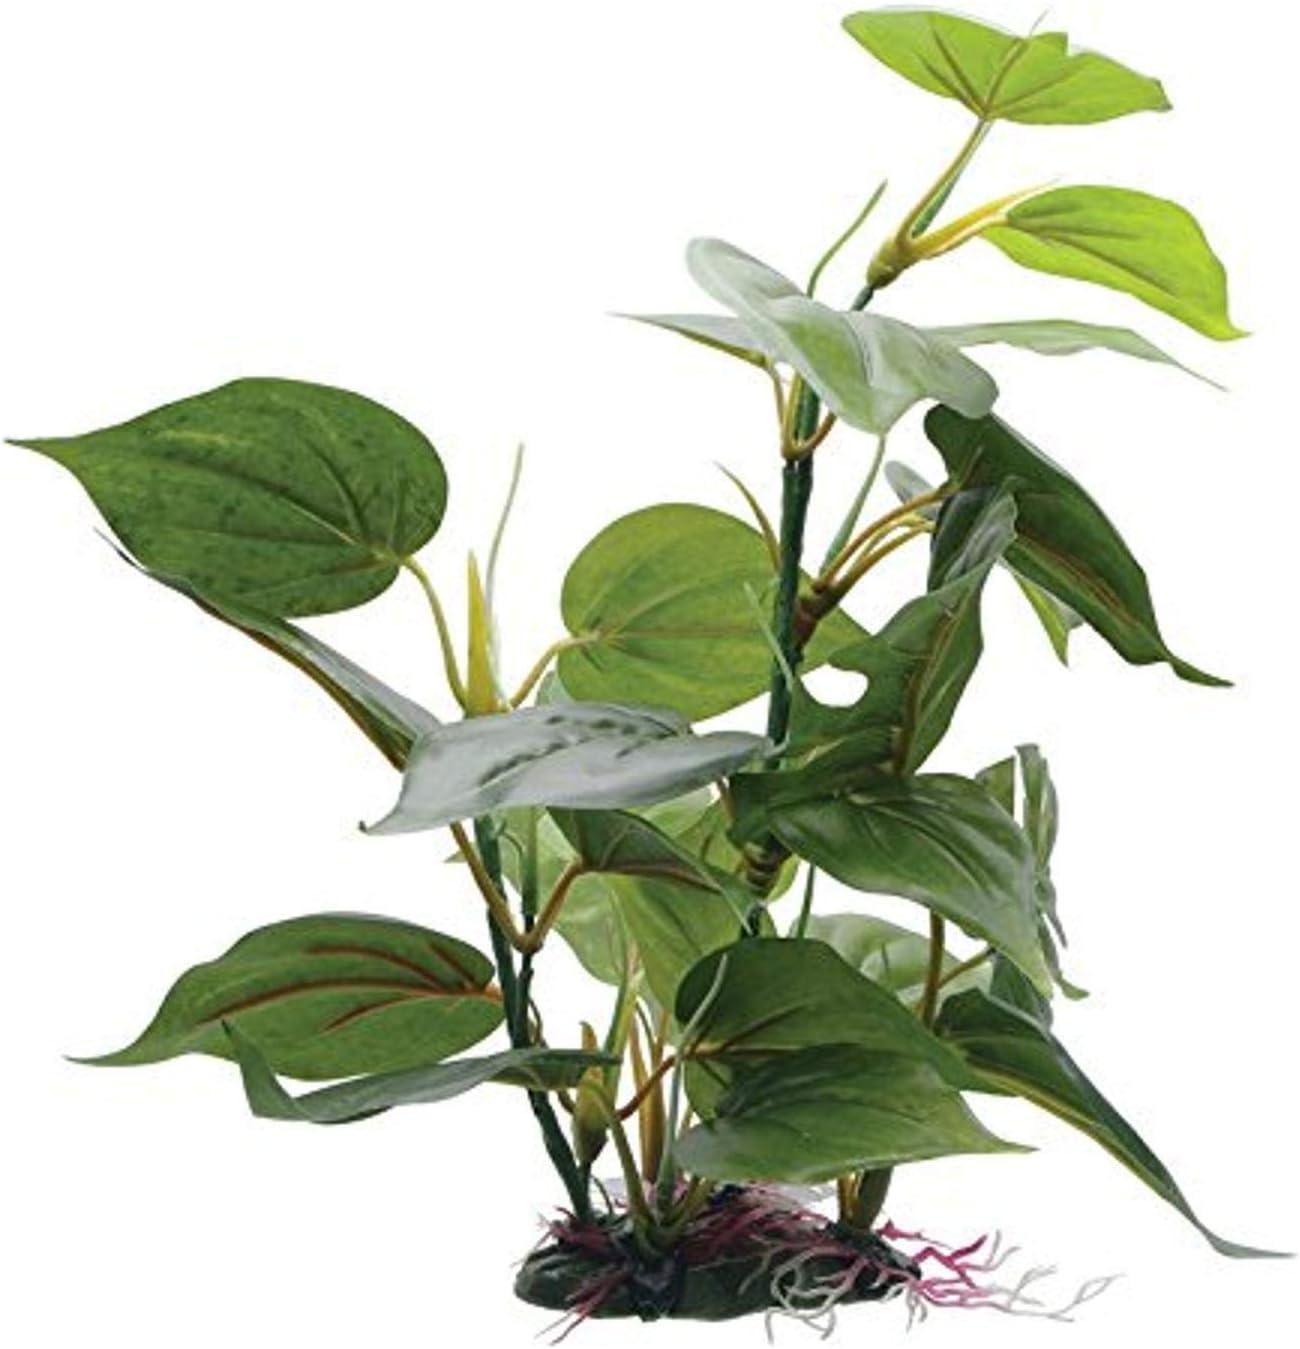 Fluval Anubias Plant for Aquarium, 12-Inch